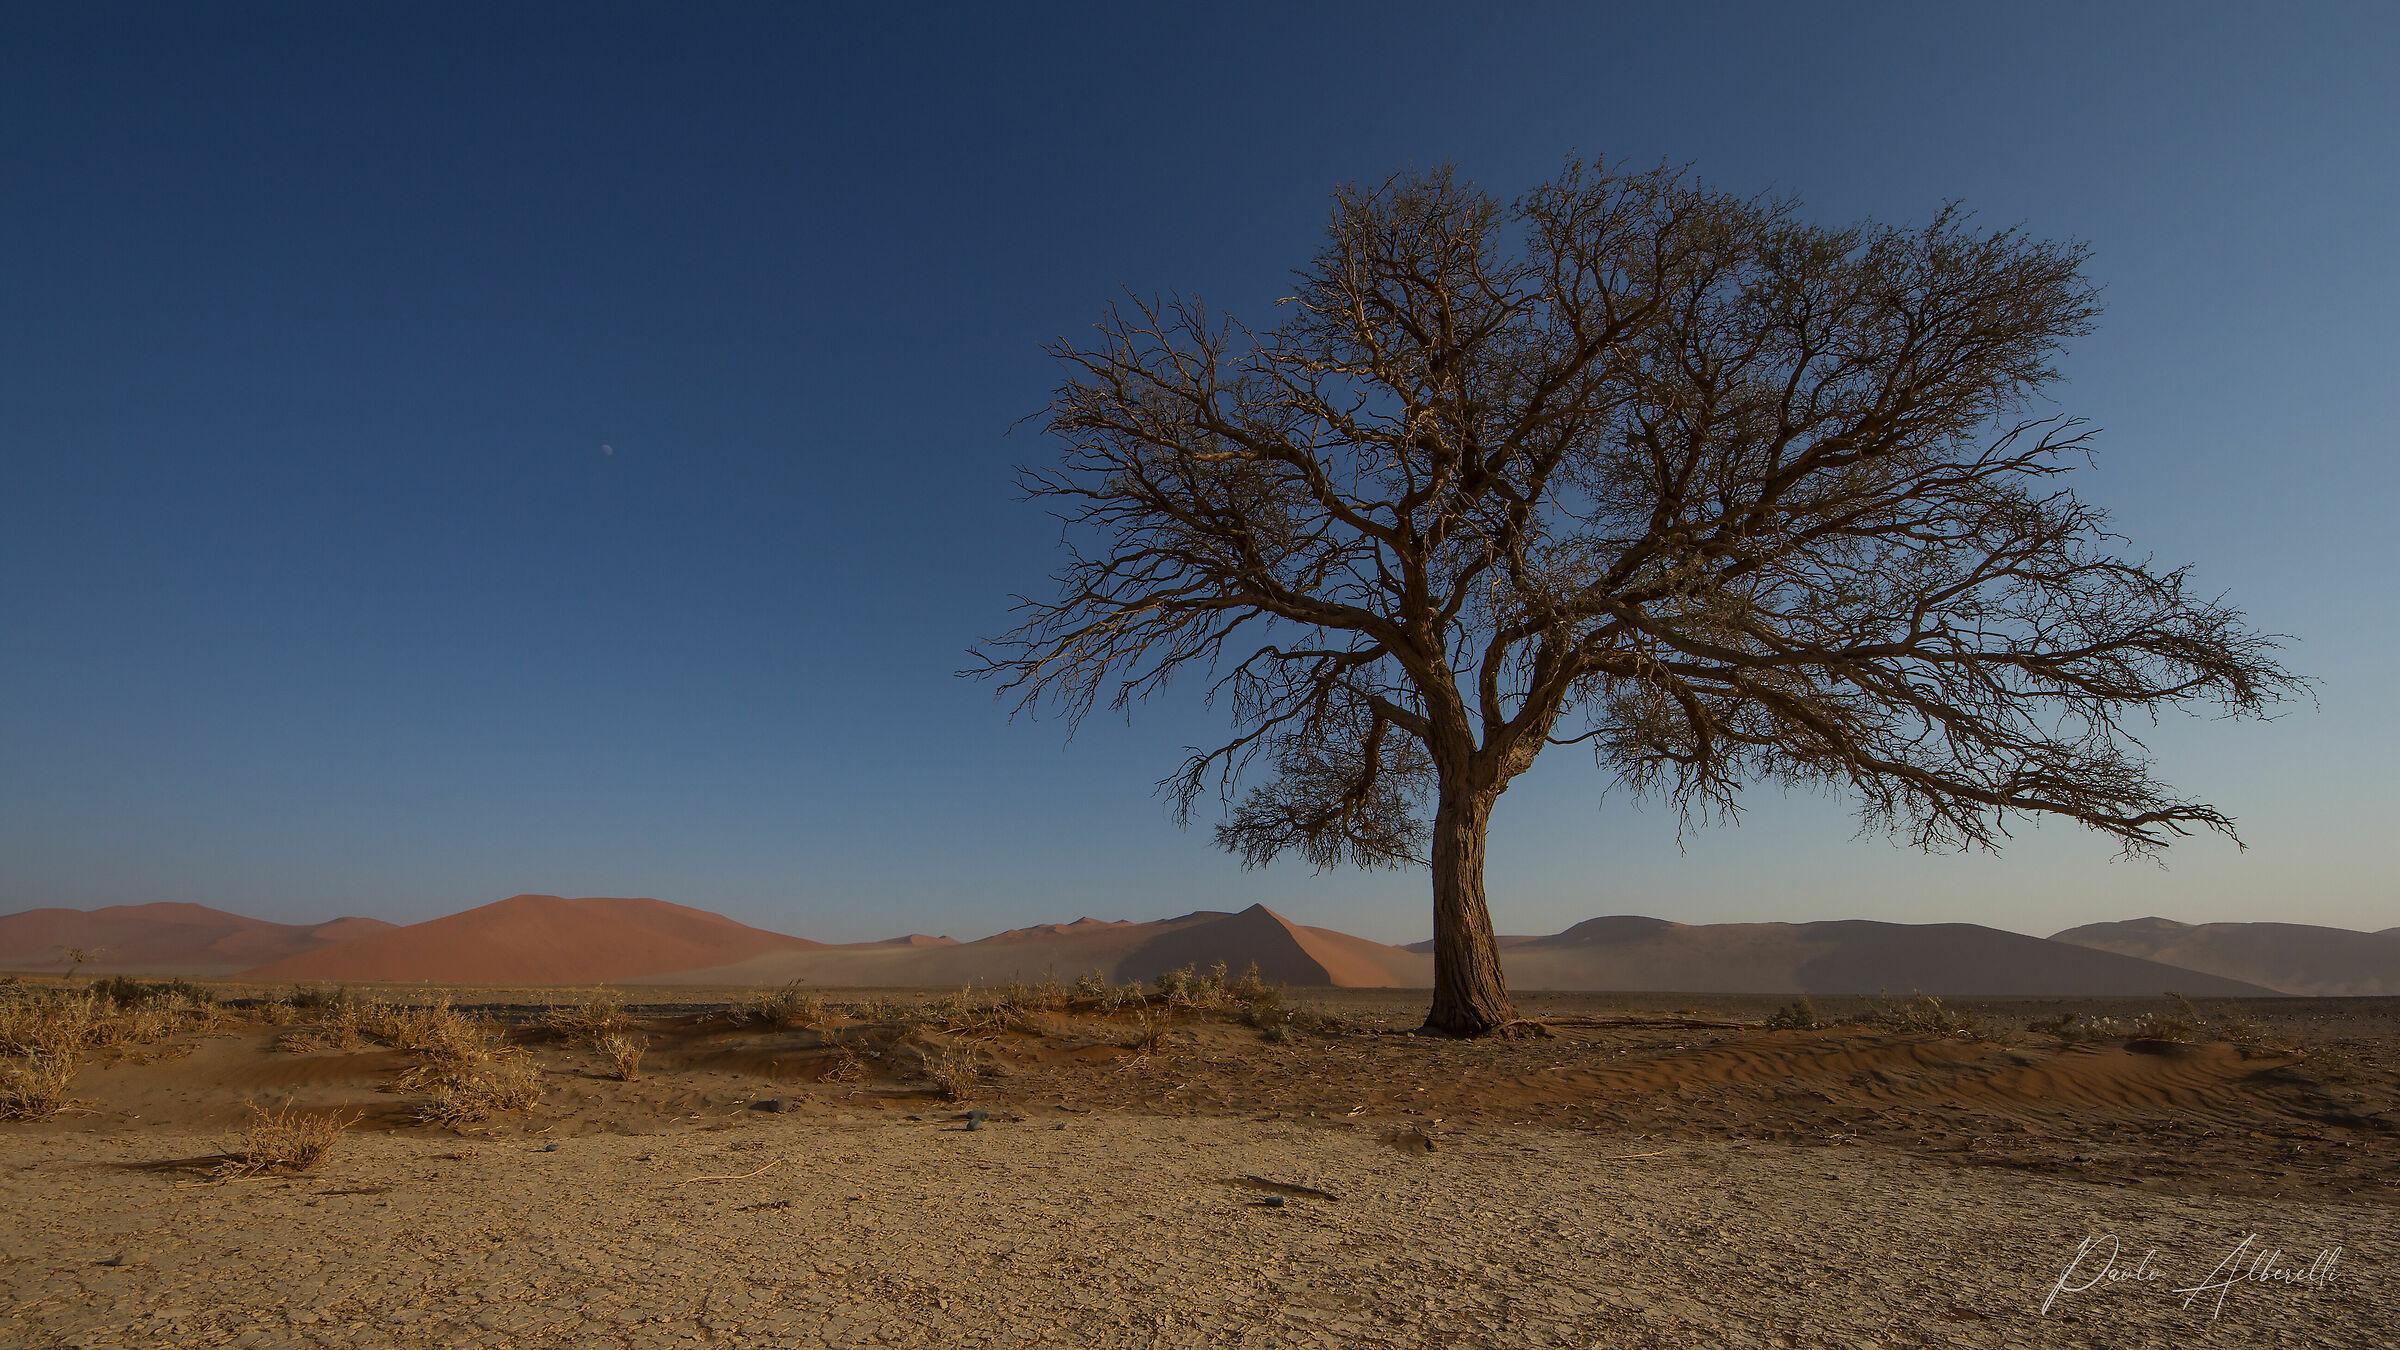 Deserto del Namib...